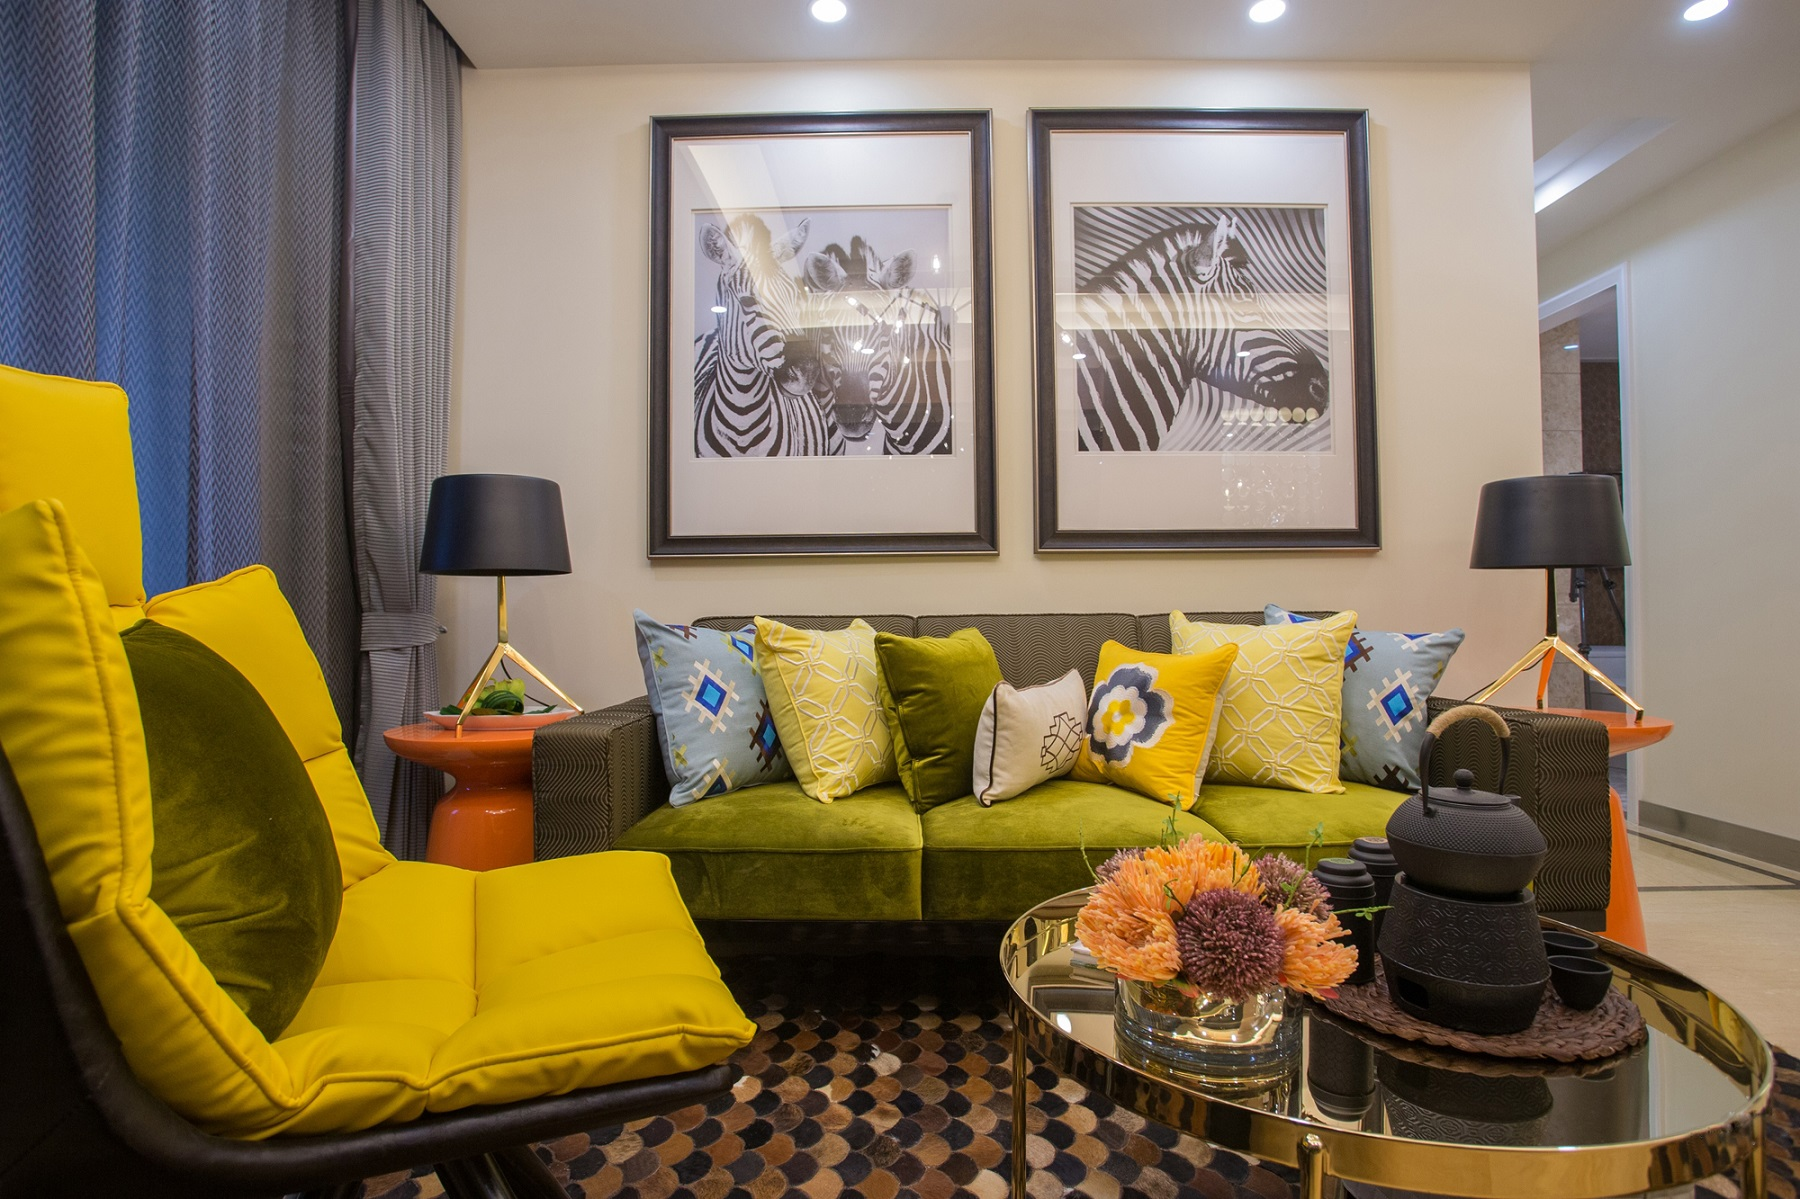 客厅整体空间以轻奢小资范的格调,深蓝色的电视墙,搭配一张绿色的电视柜,质感十足。